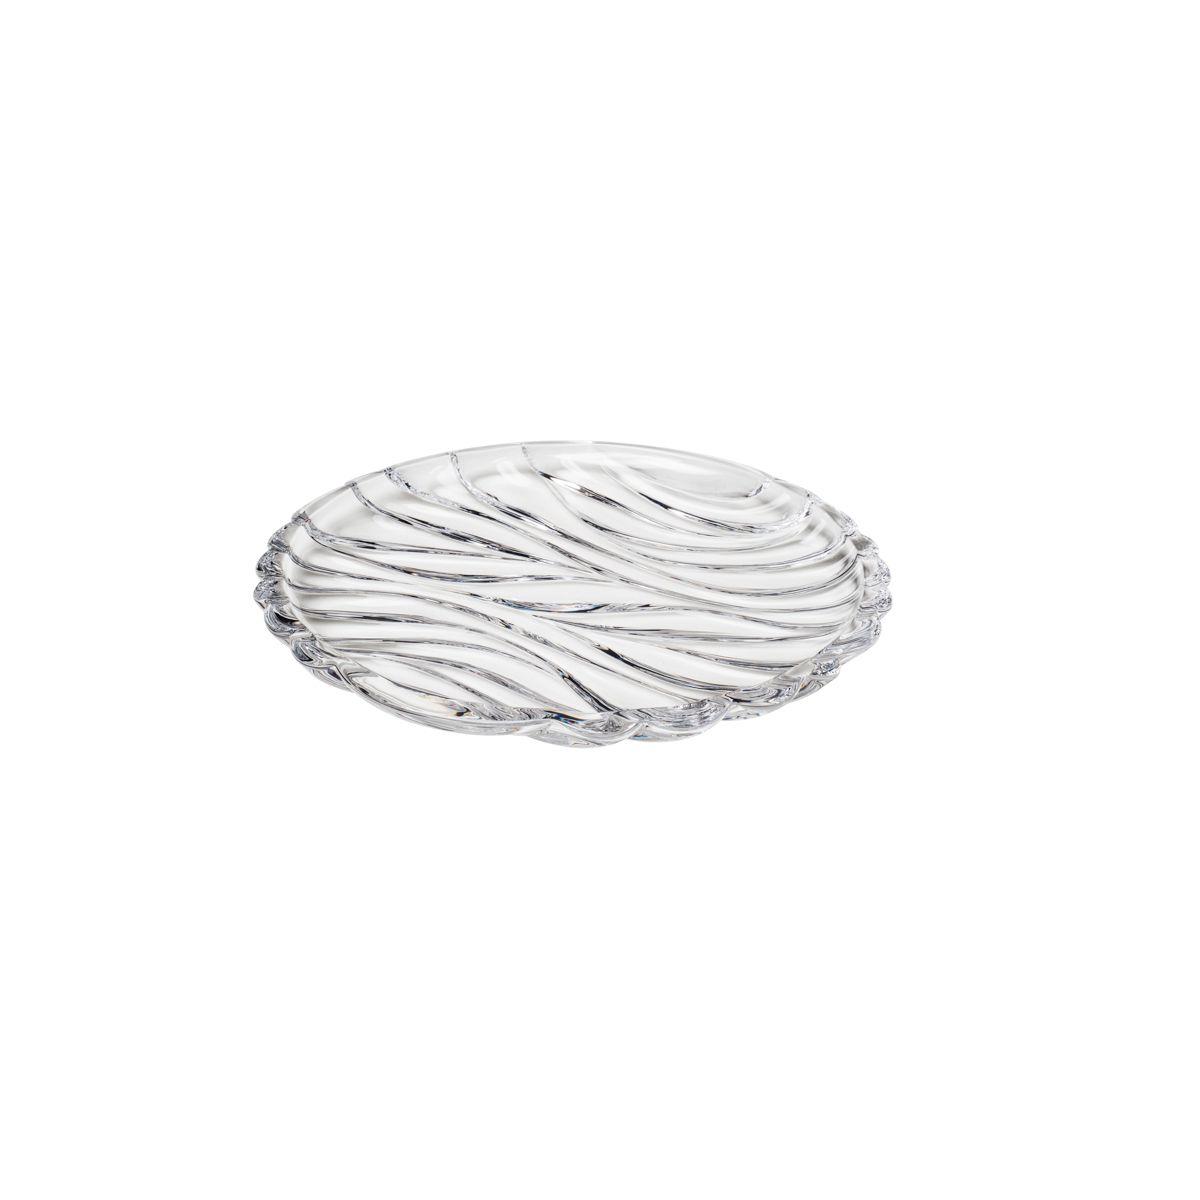 Jogo 6 pratos 18 cm para bolo de cristal transparente Bamboo Wolff - 26479